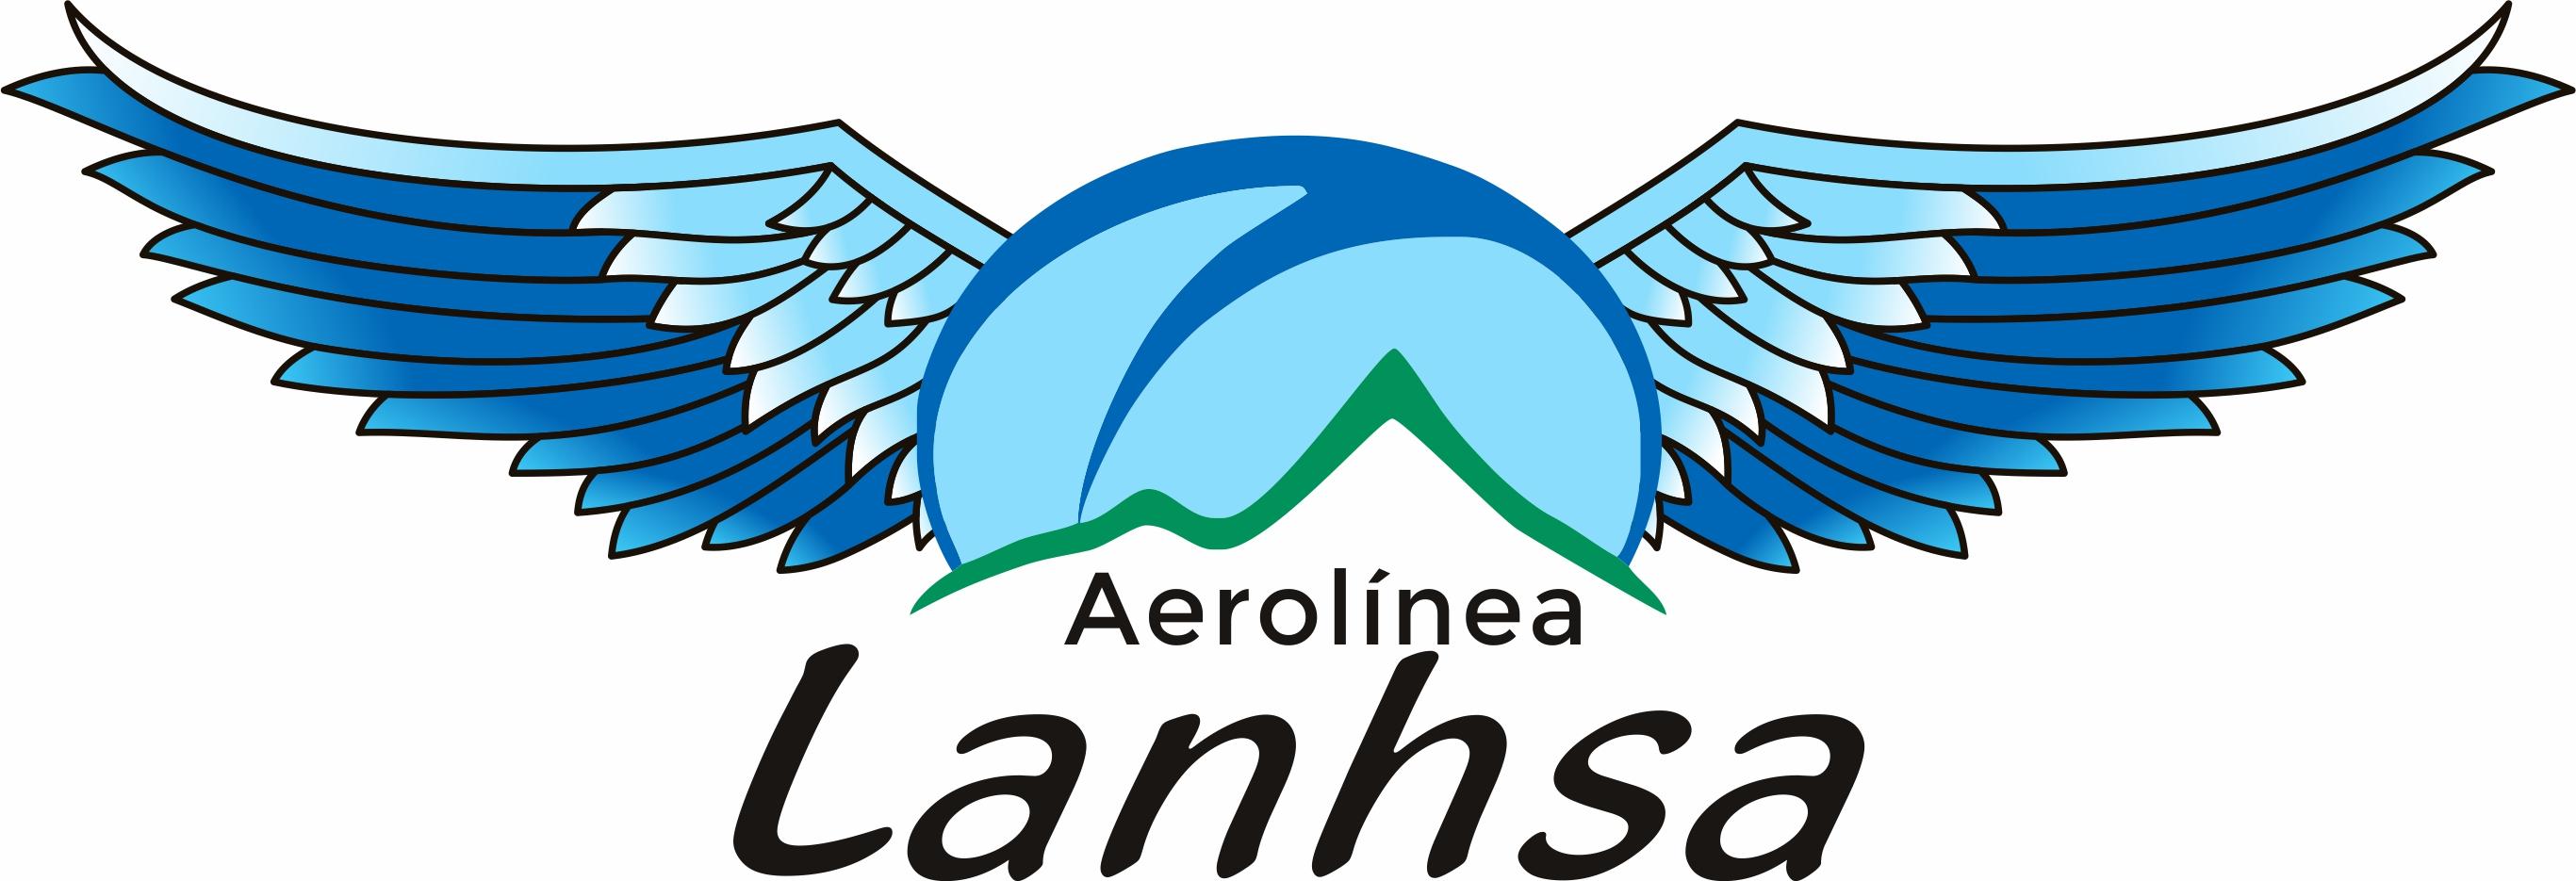 LANHSA-01